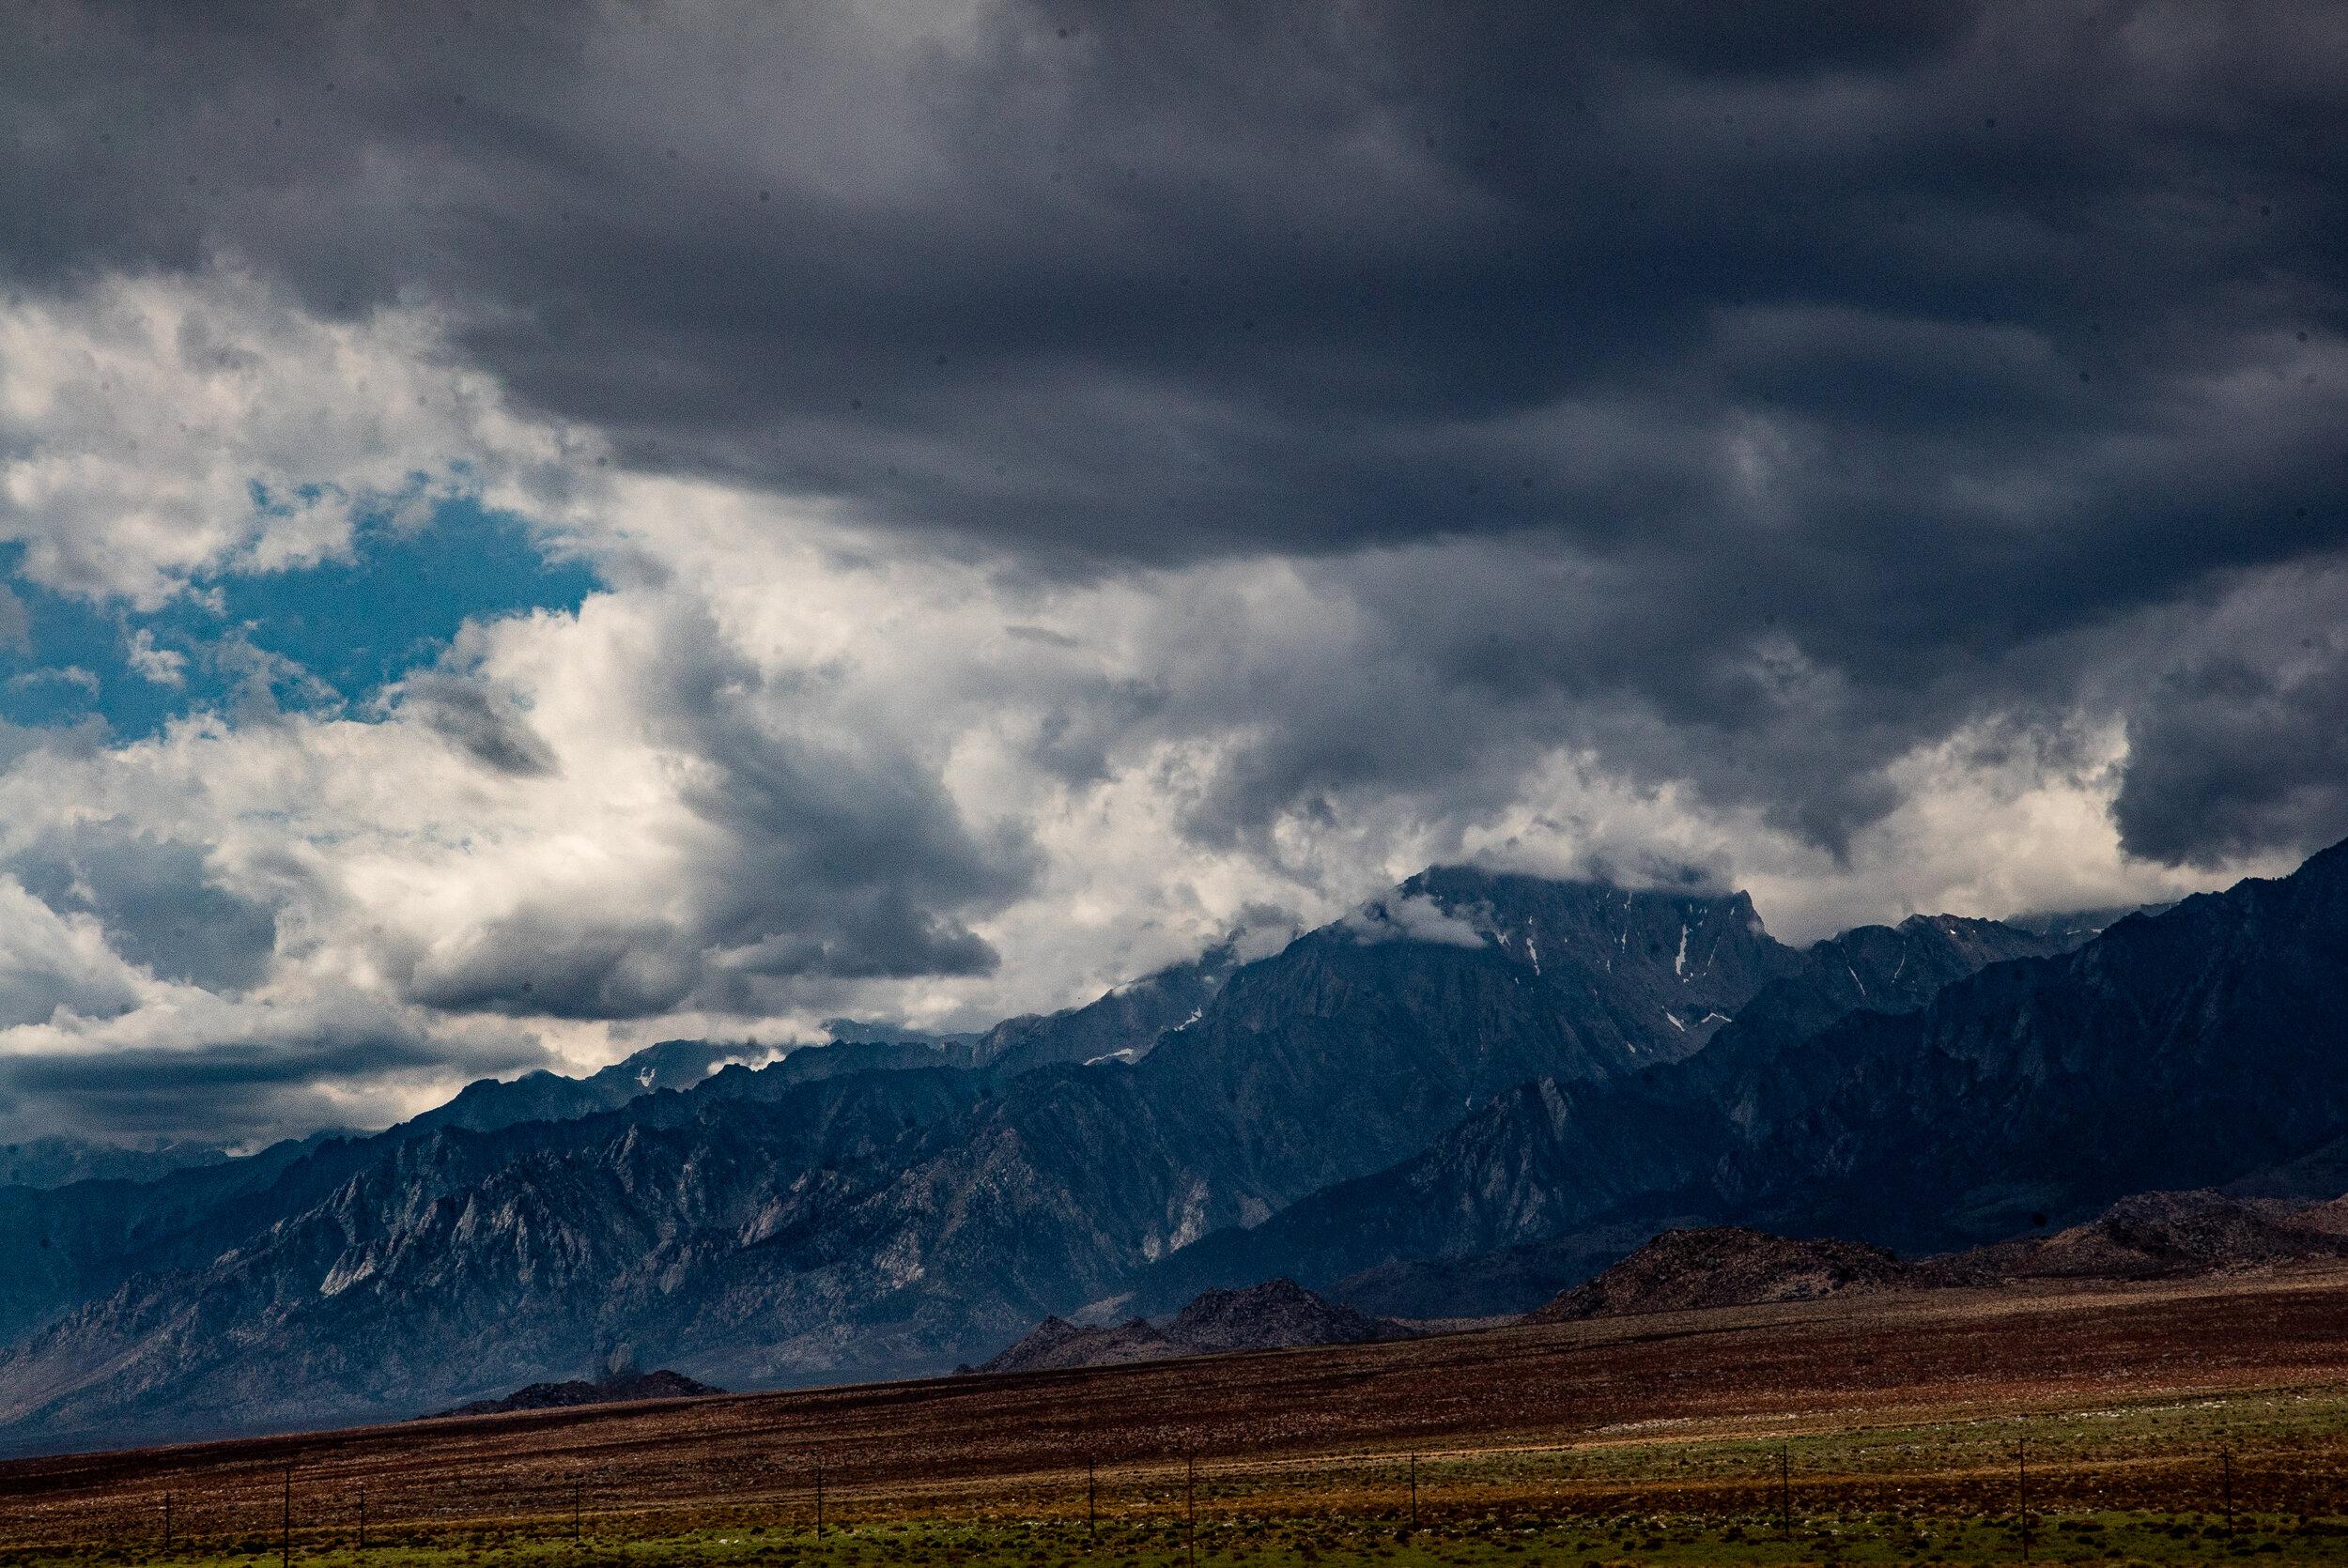 Sierras w Rumsey 2019-24.jpg